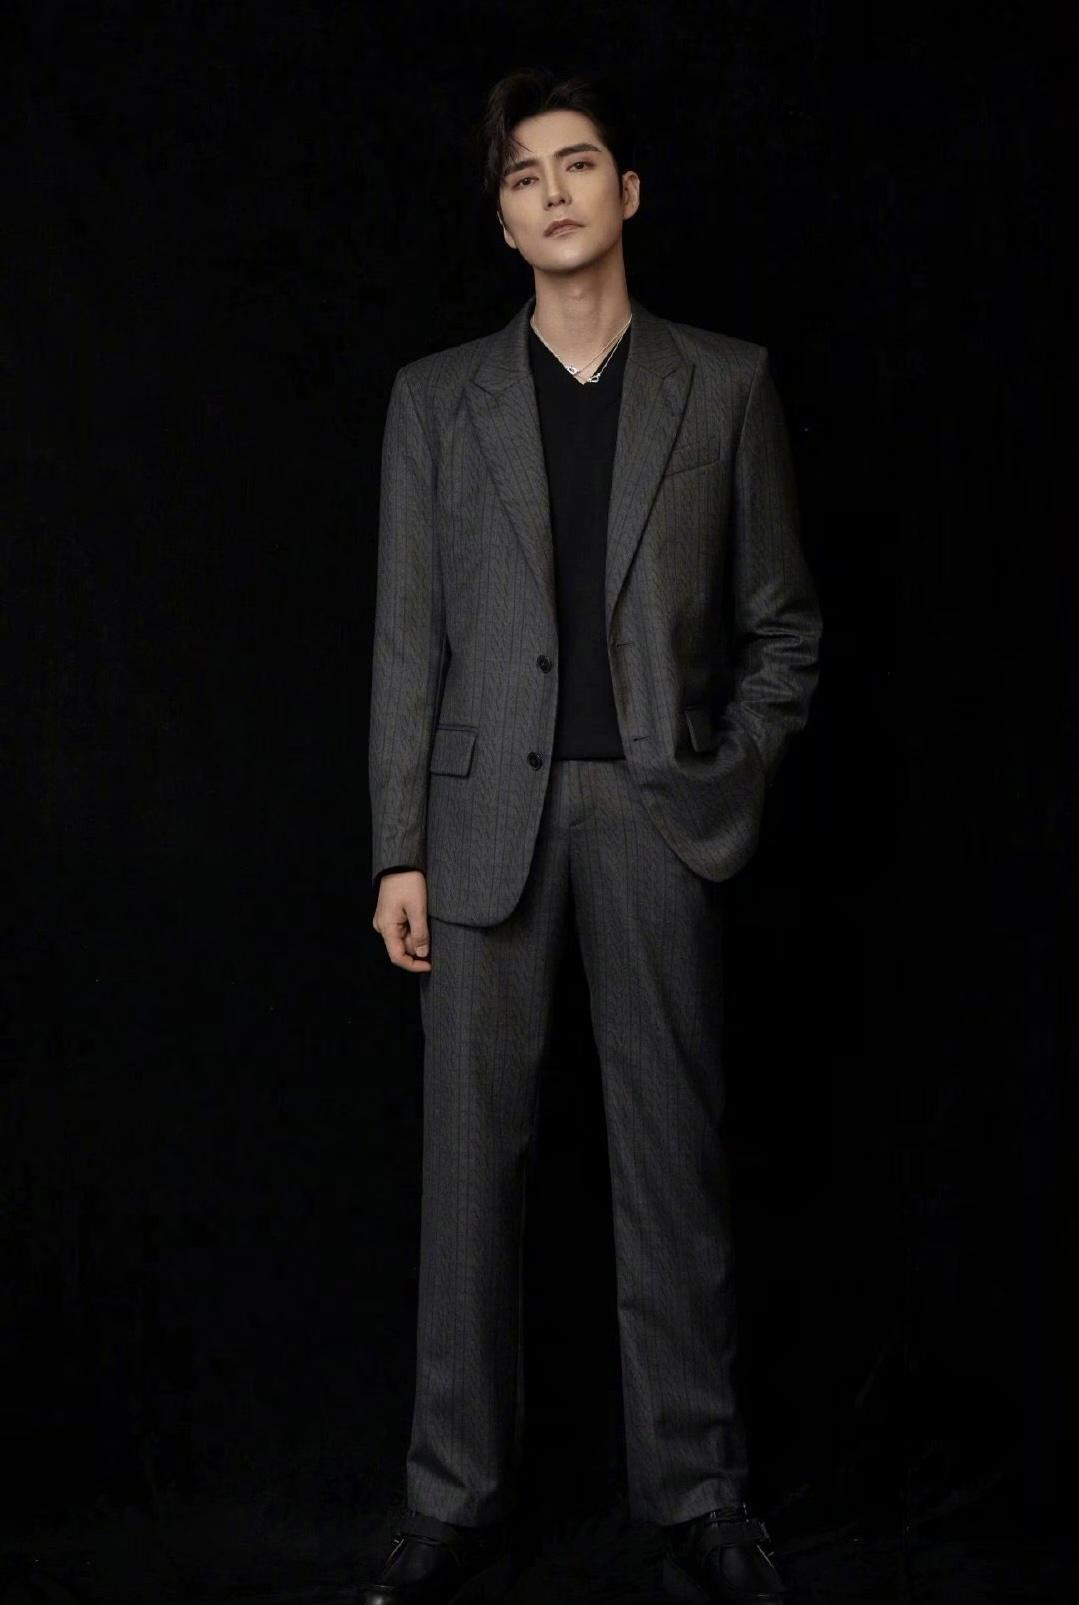 帅气又有型的黑色如何搭配好?看看男星们的黑色造型,你就知道了